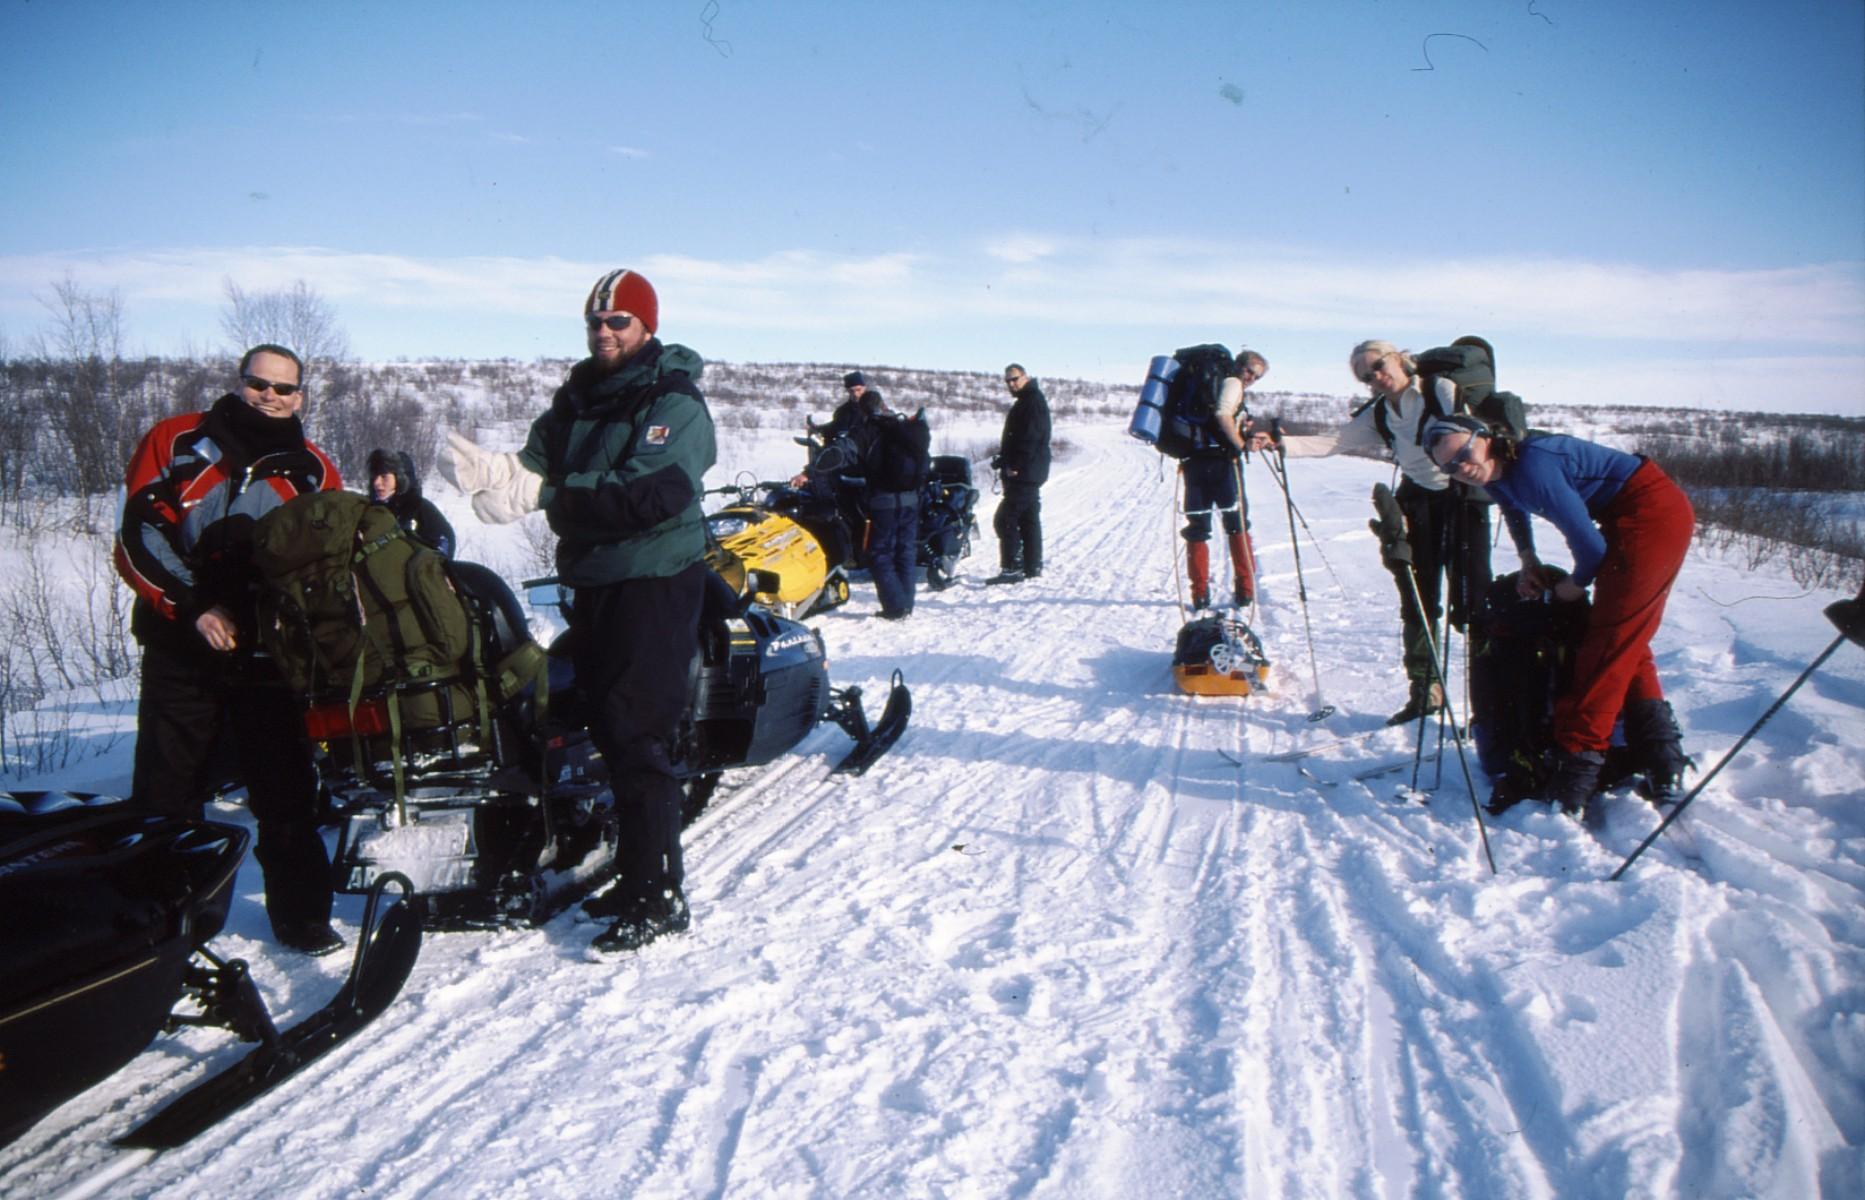 Sverre fikk haik med en scooter de siste par milene til Kautokeino